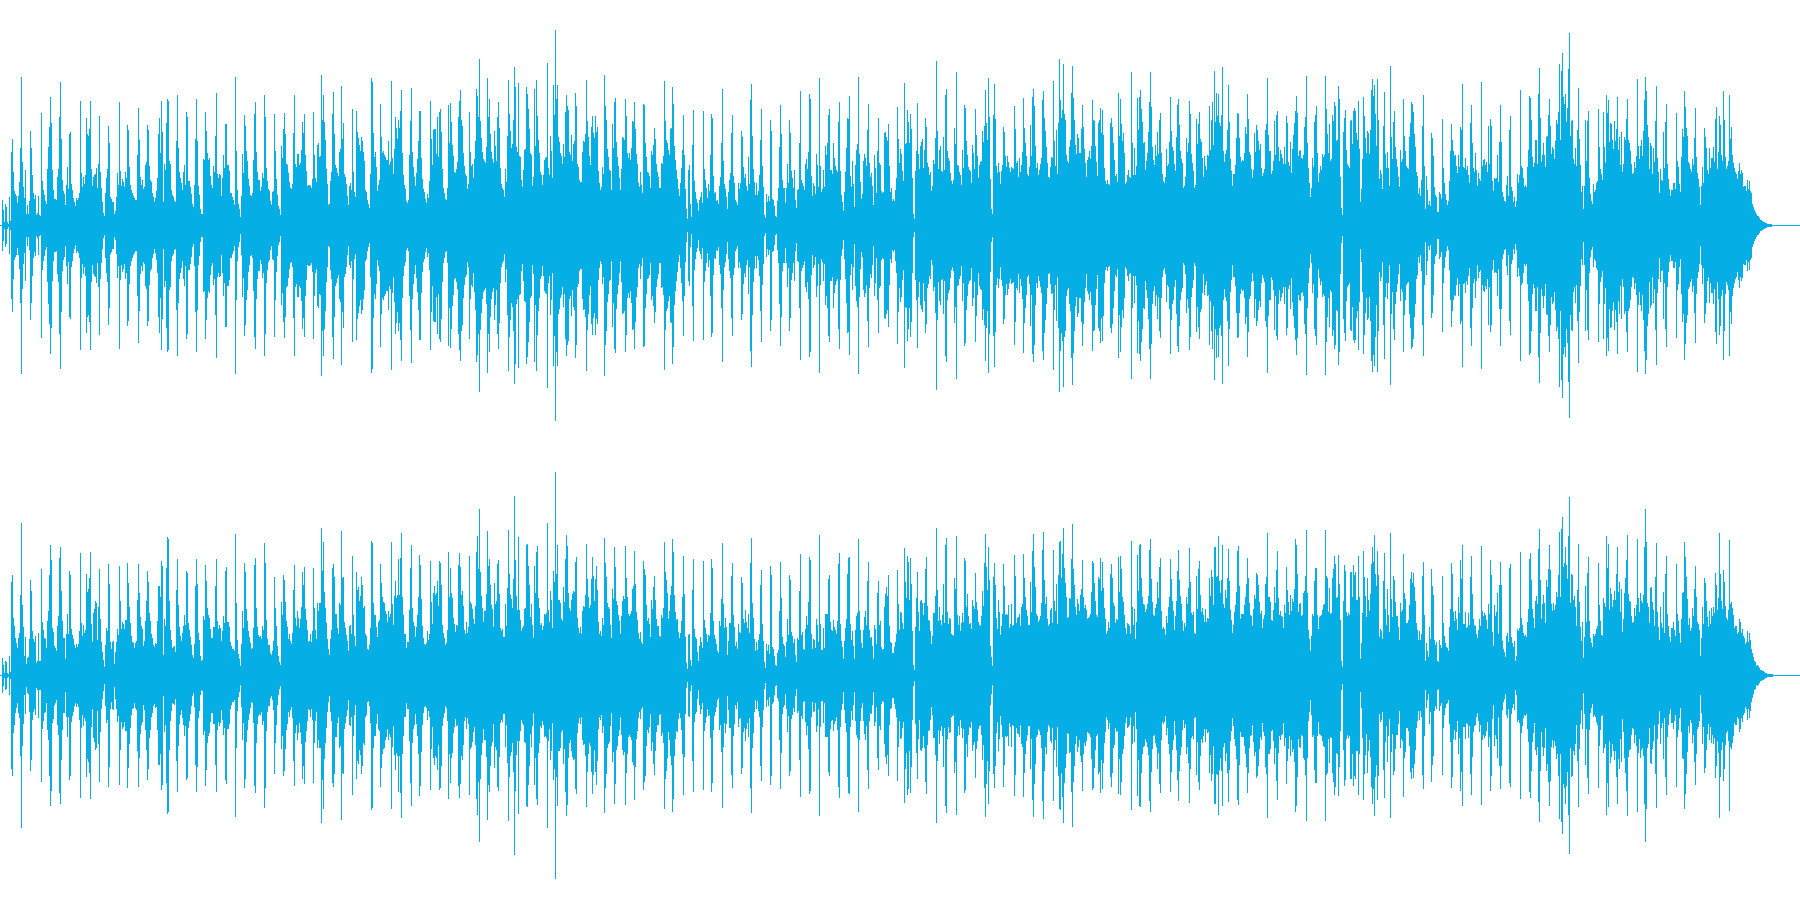 管楽器を使った落ち着いた気だるいバラードの再生済みの波形